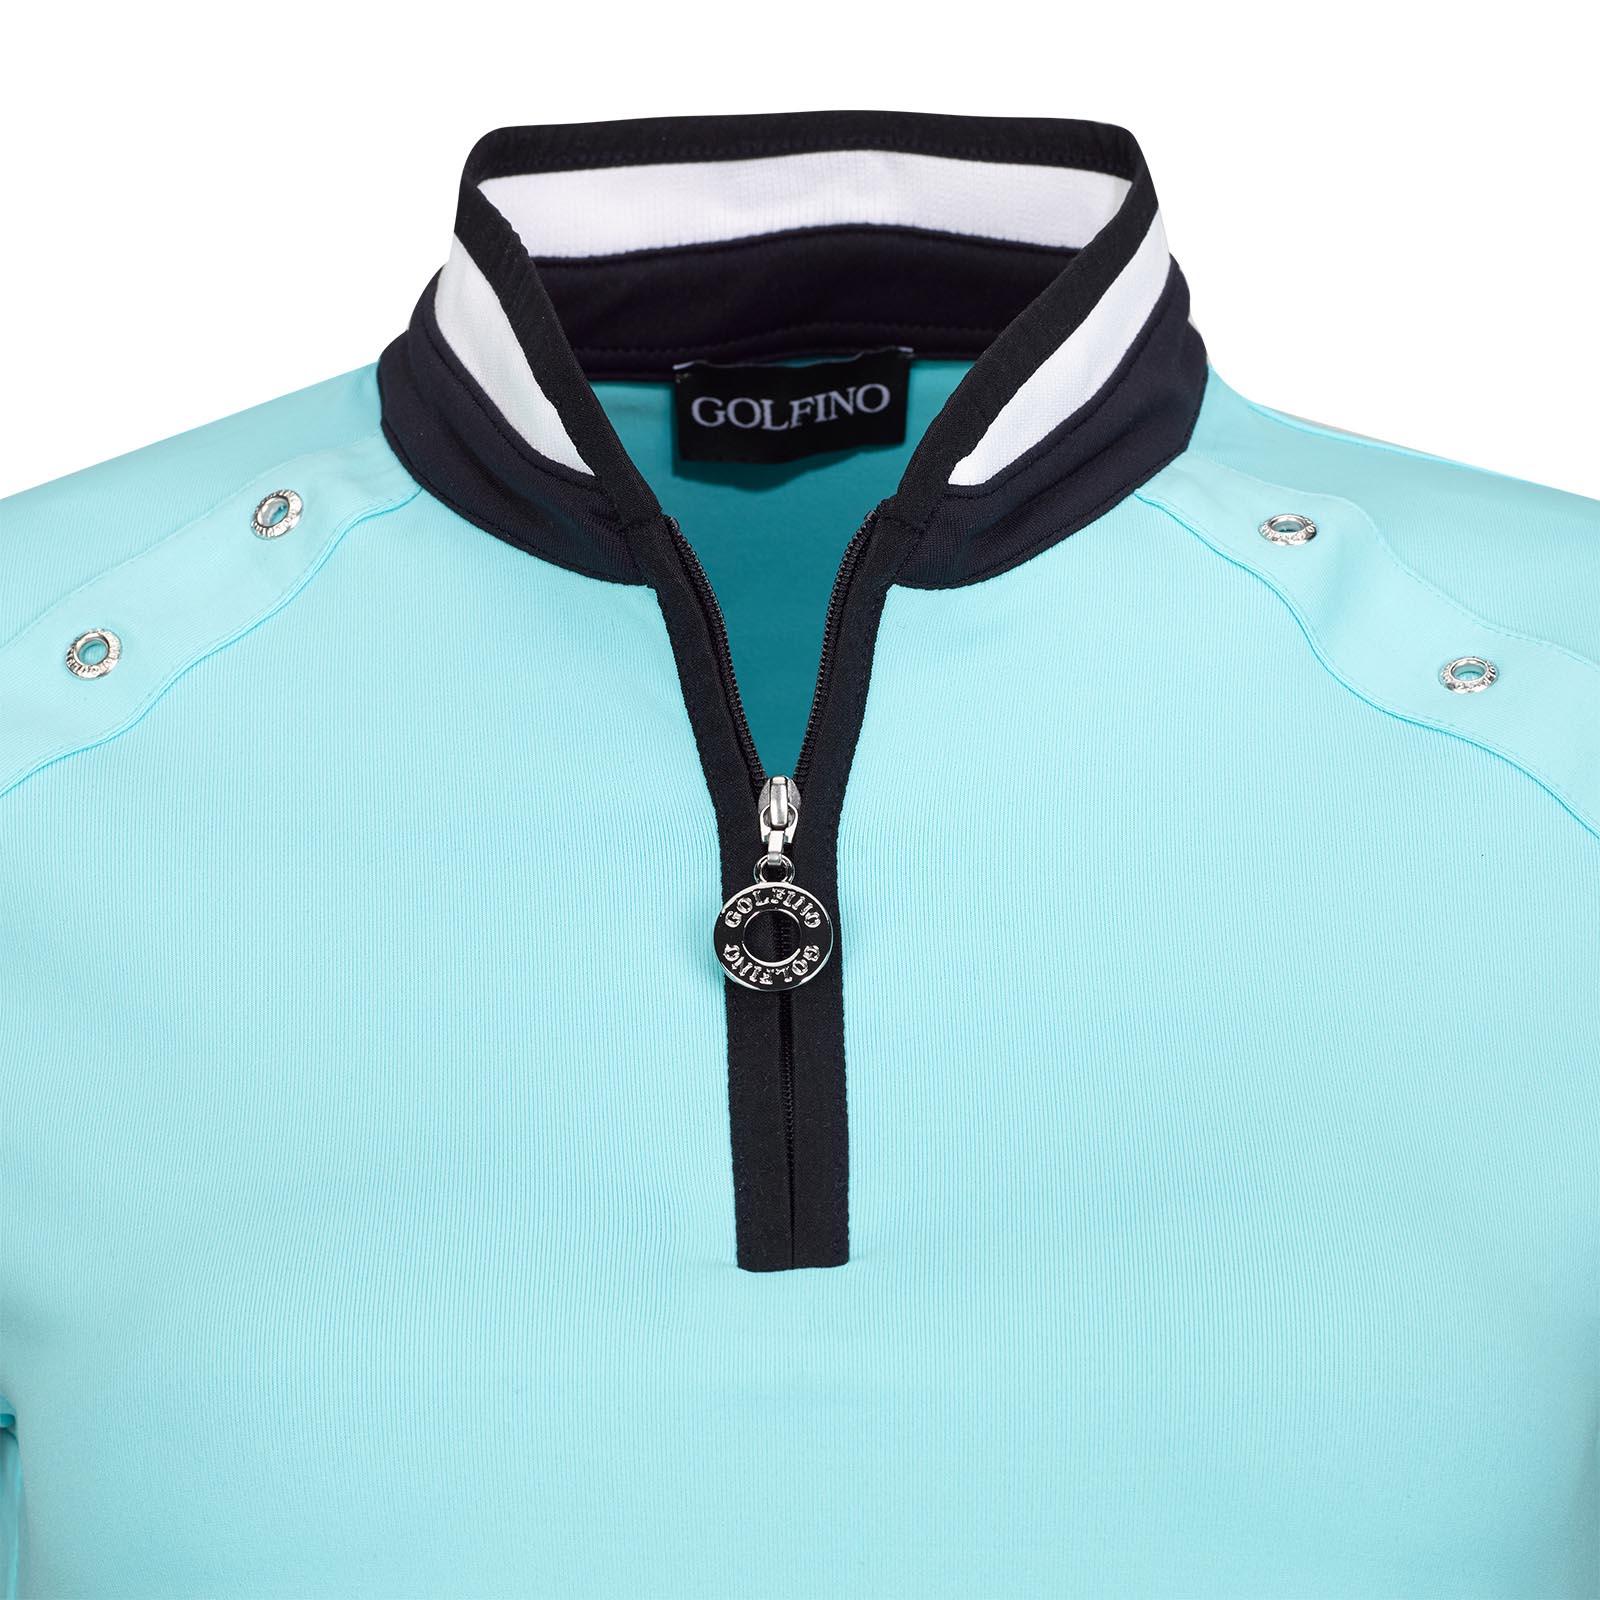 Dry Comfort Damen Golftroyer aus feinem Jersey mit stylischen Ösen